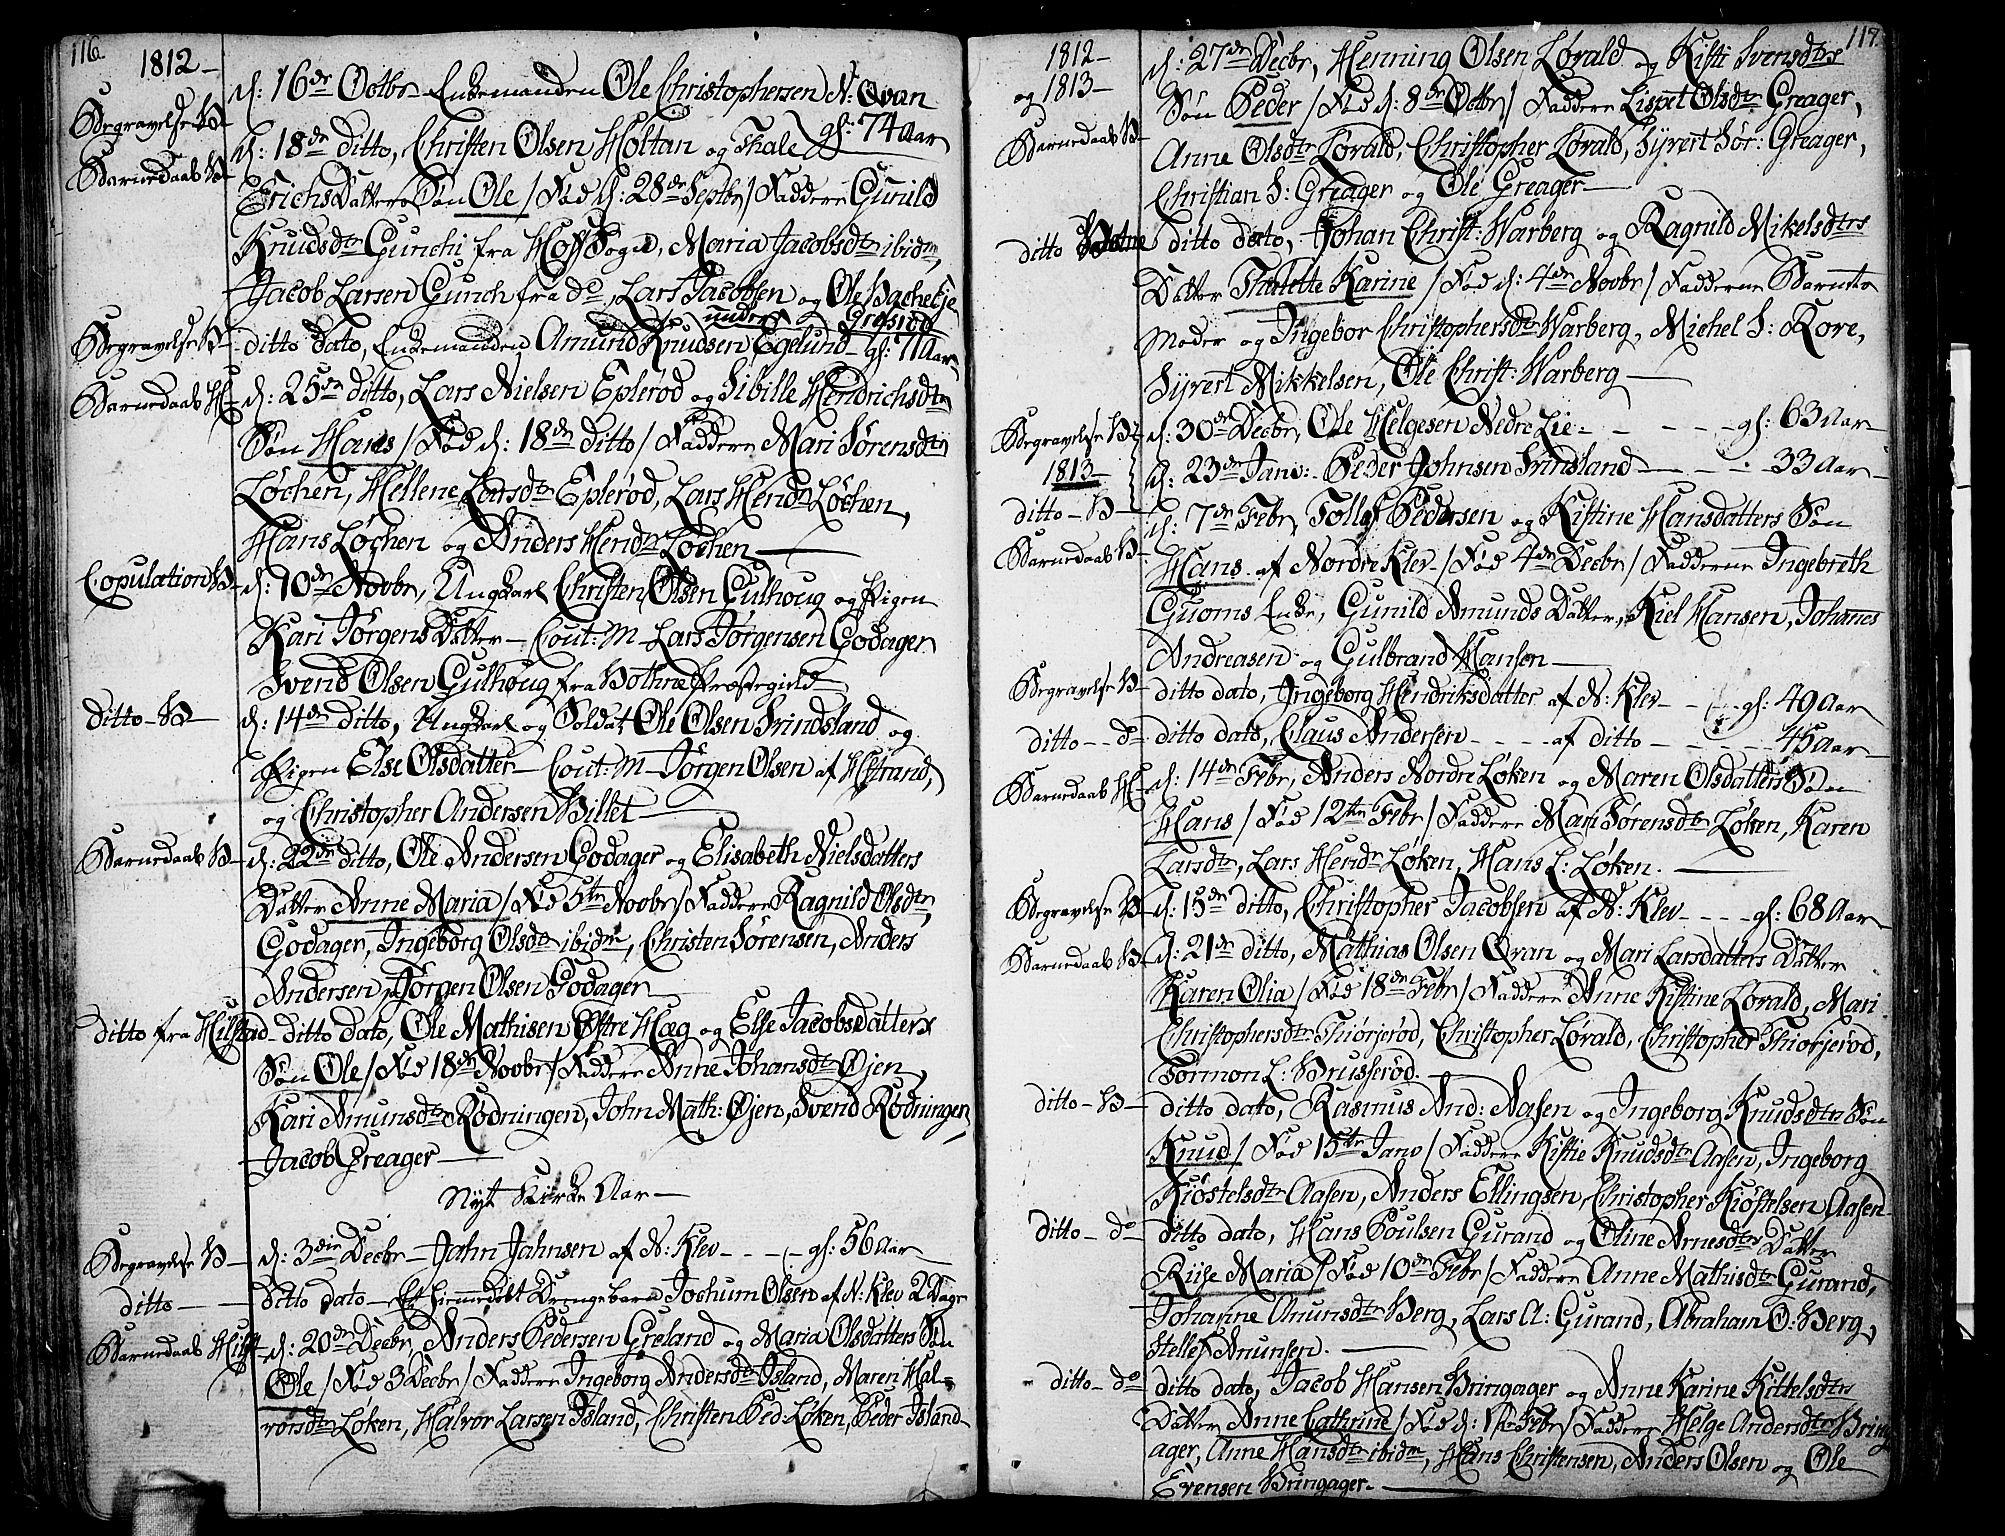 SAKO, Botne kirkebøker, F/Fa/L0003: Ministerialbok nr. I 3 /1, 1792-1844, s. 116-117